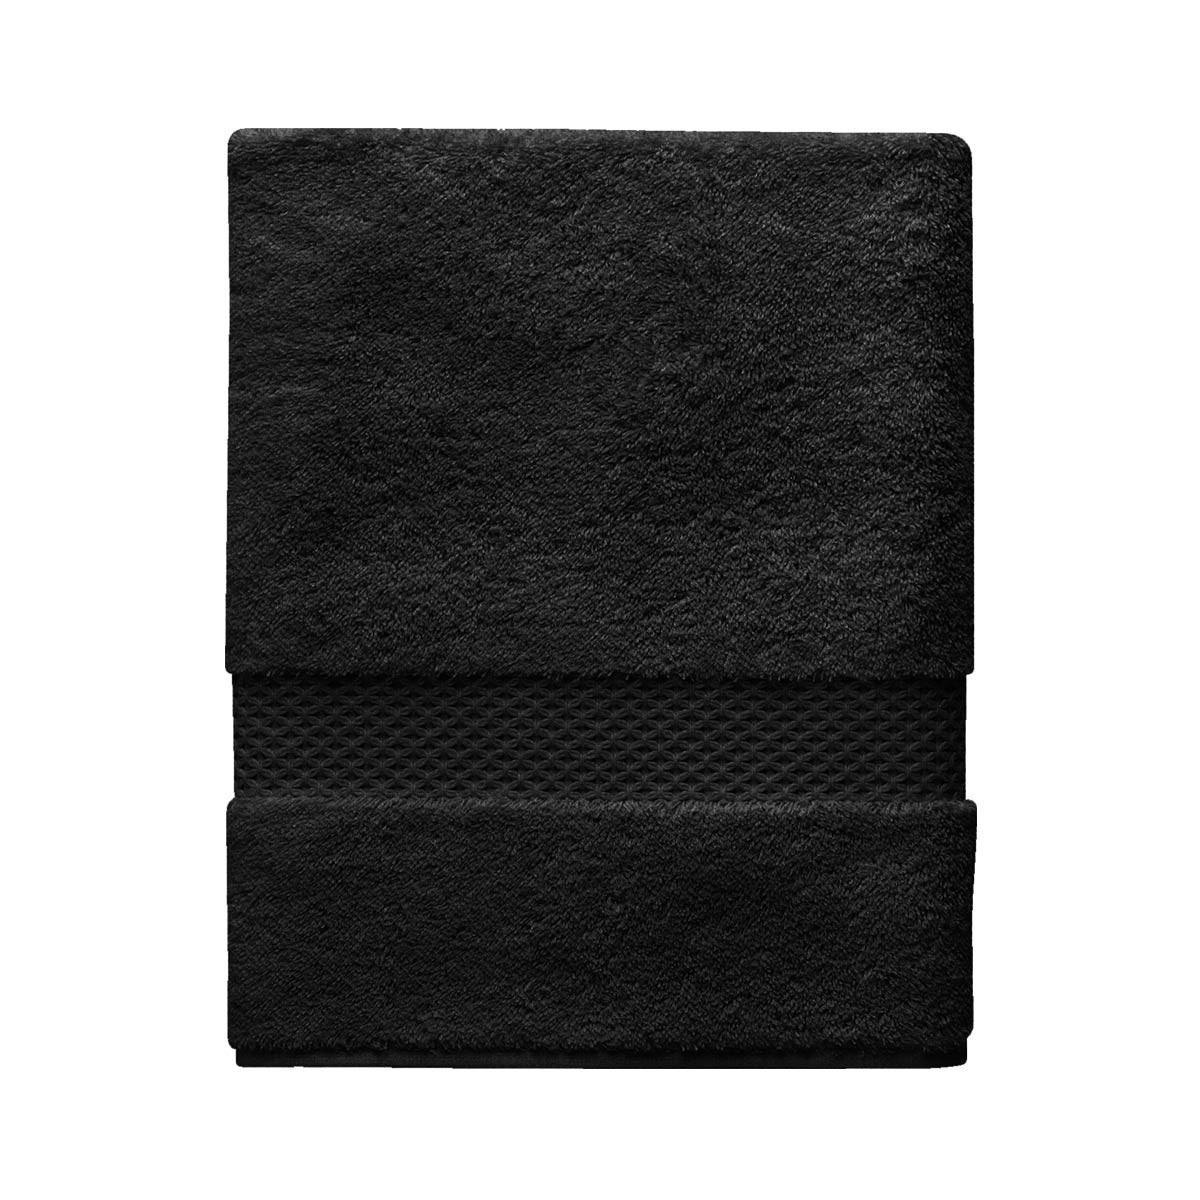 ensemble de bain etoile noir linge de bain linge de bain uni envie d 39 int rieur. Black Bedroom Furniture Sets. Home Design Ideas